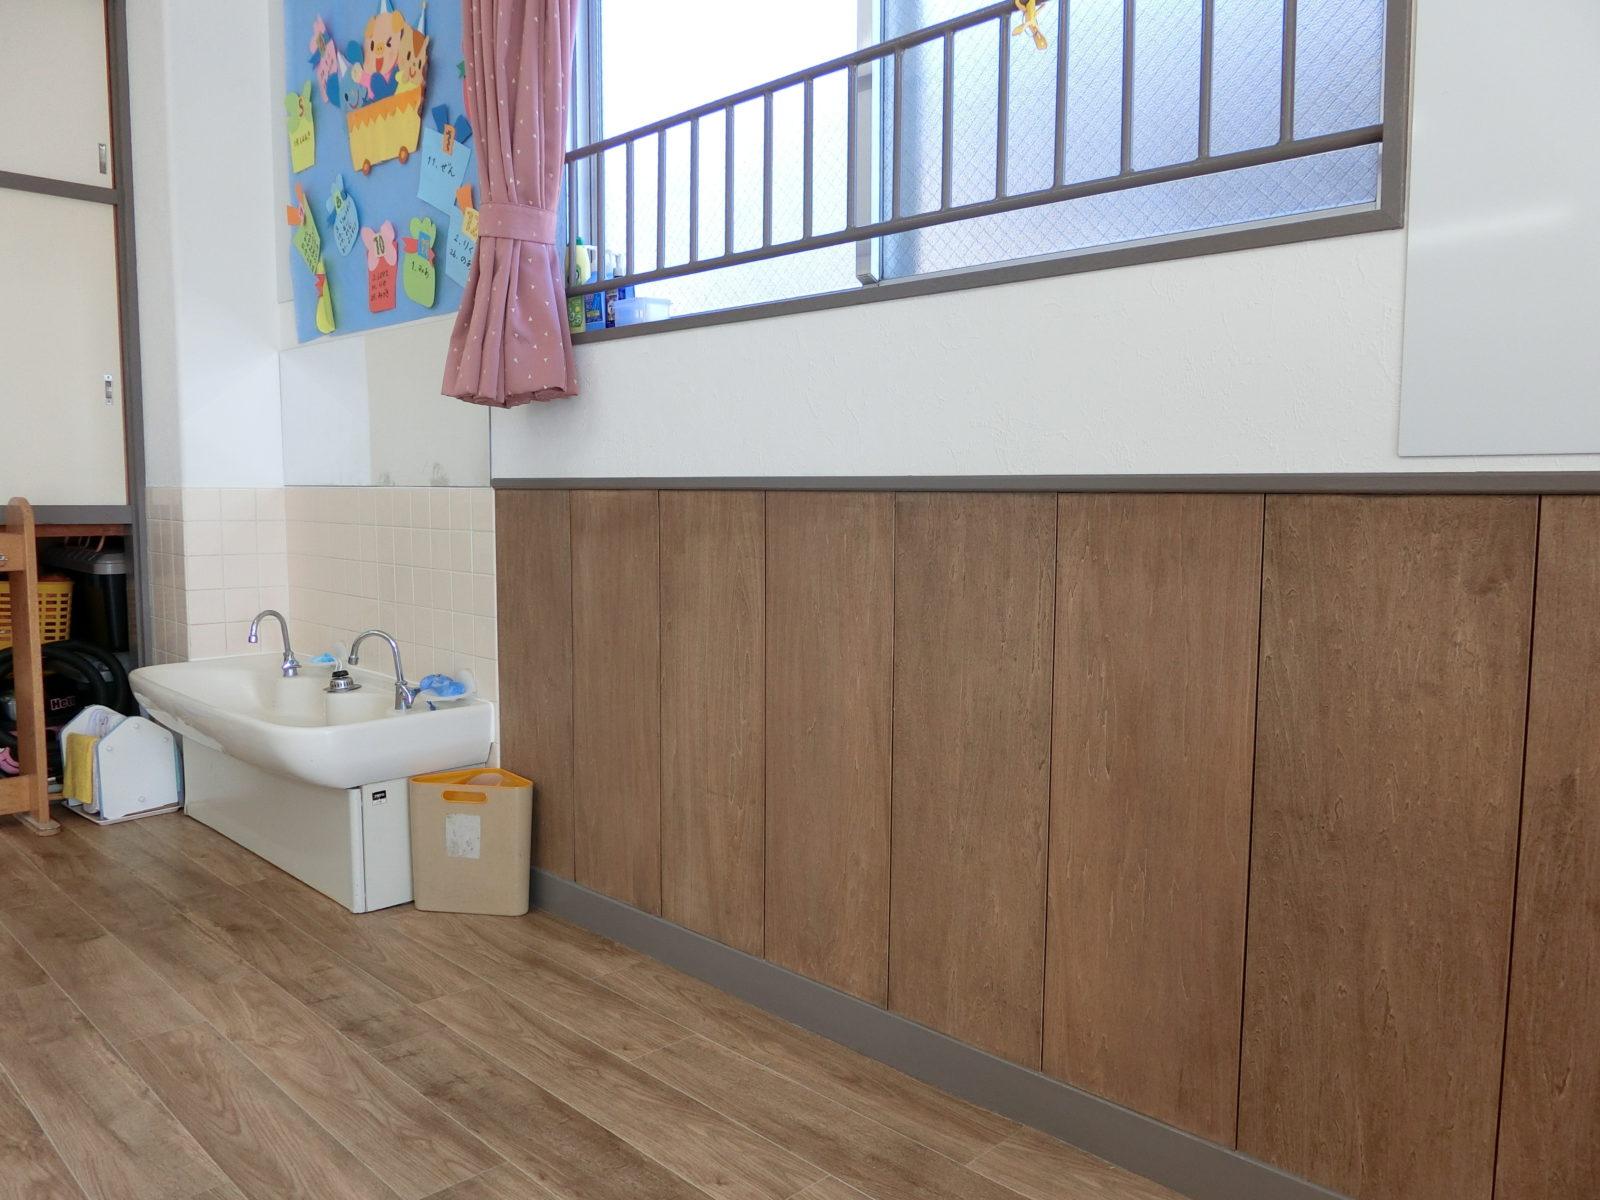 保育室には触り心地のよい自然素材の腰壁